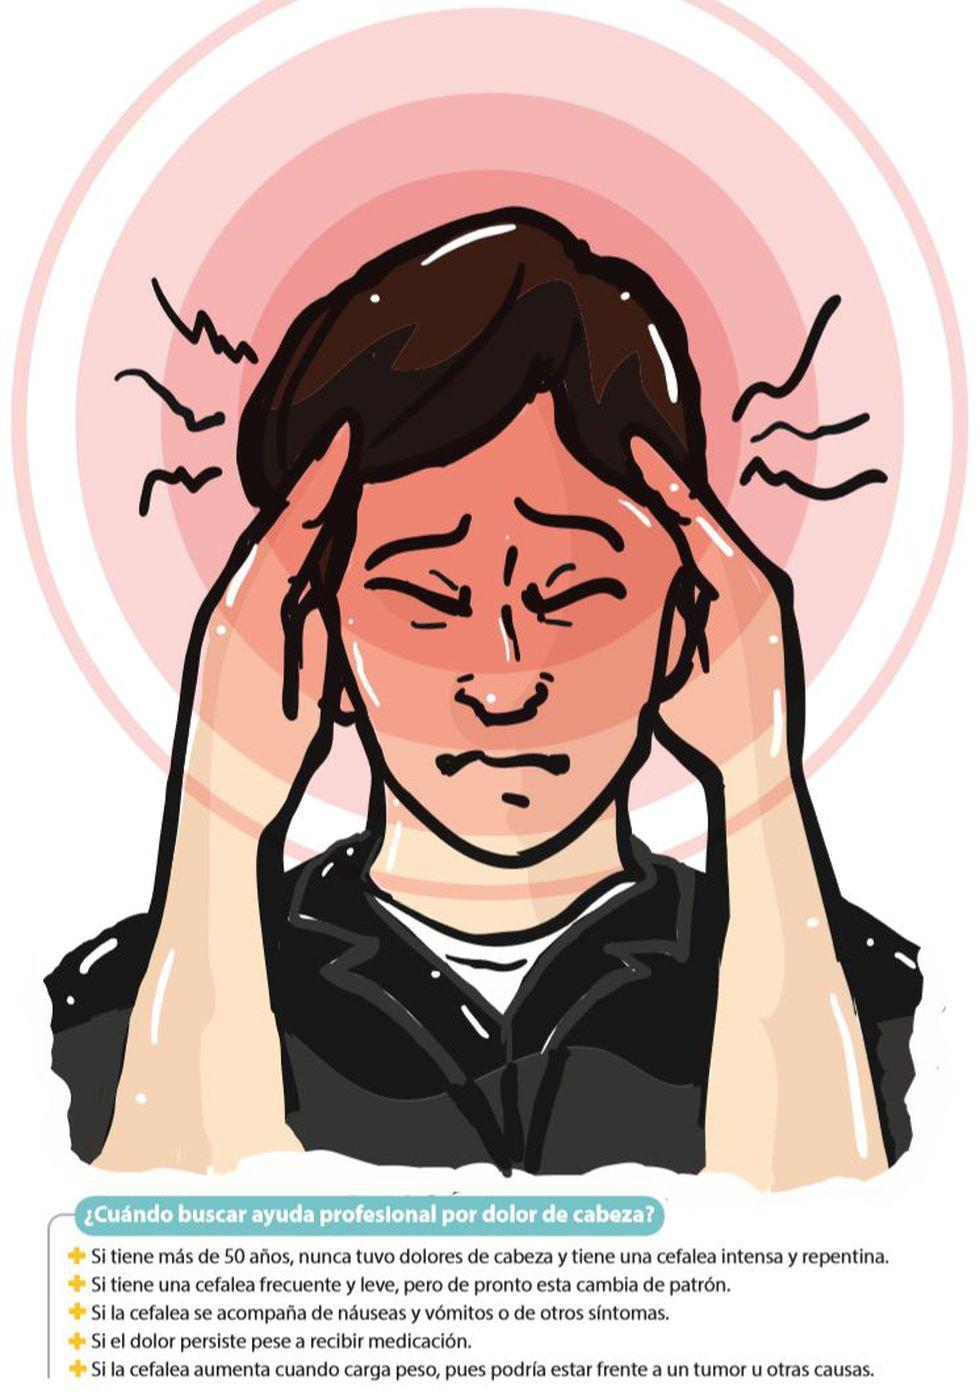 Salud.21: ¿Cuándo buscar ayuda por dolores de cabeza?